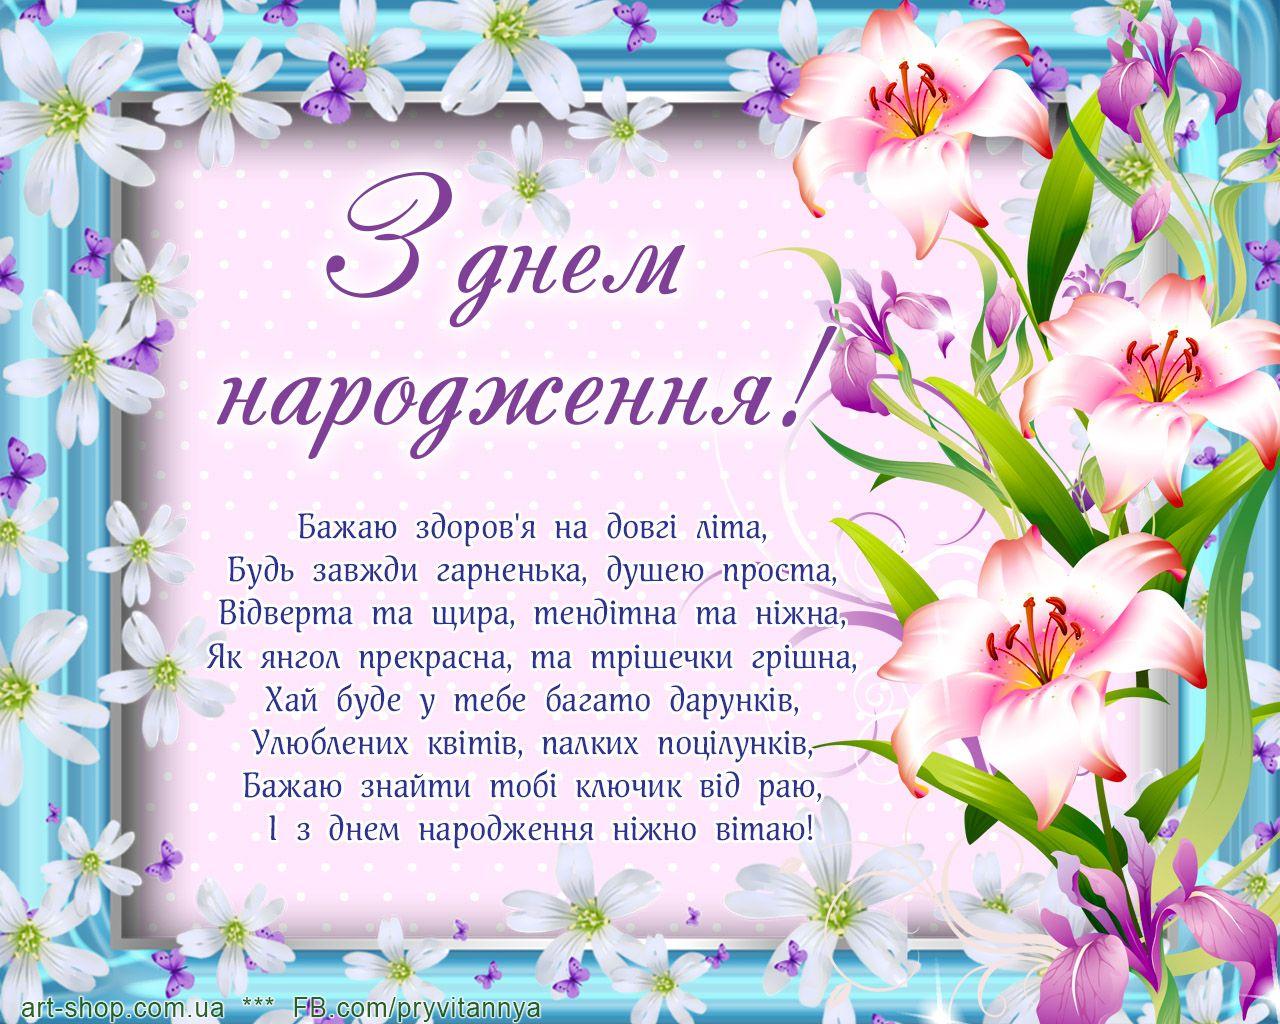 Рисунков открытки, с днем рождения картинки на украинском языке